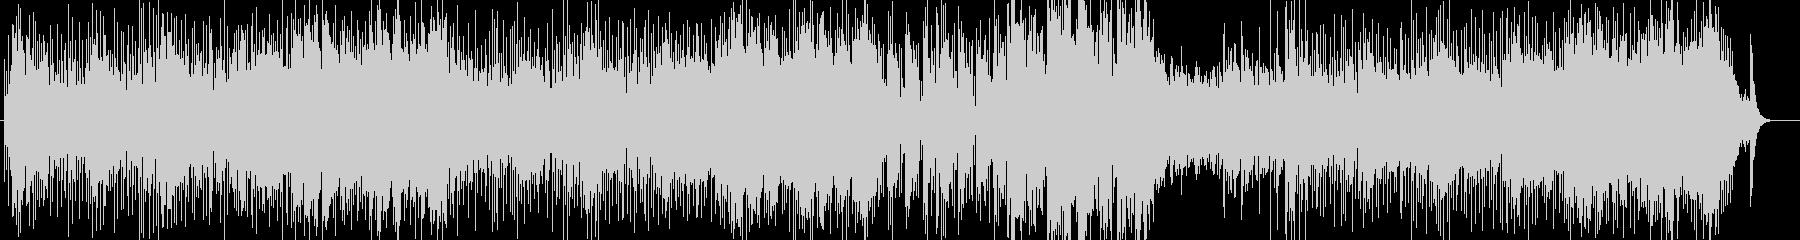 オルガンとシタールのアシッドジャズの未再生の波形